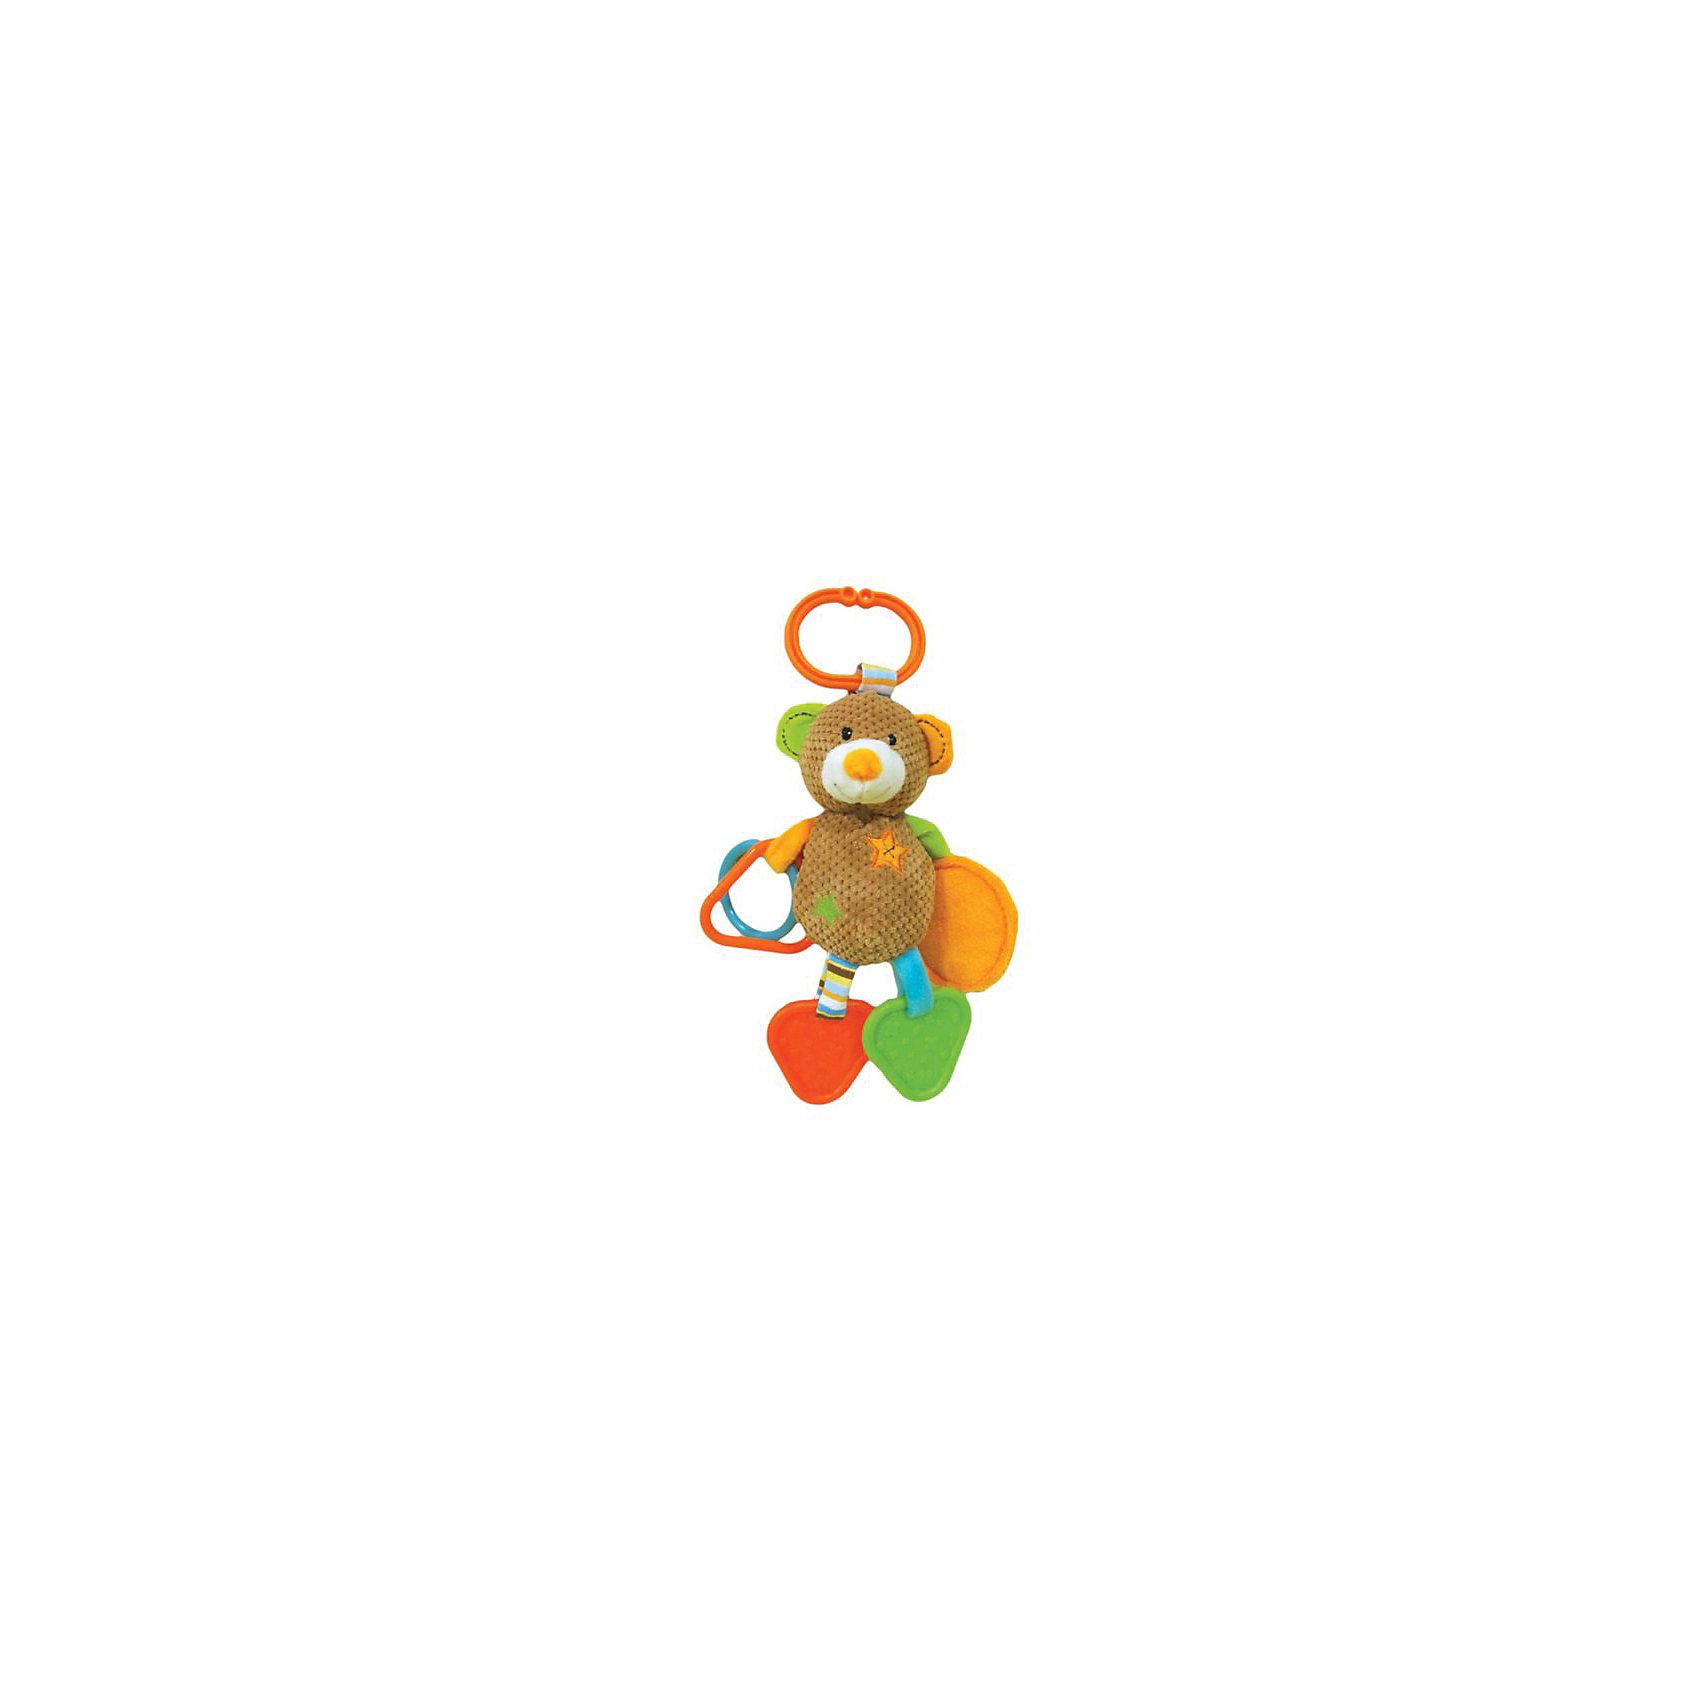 Игрушка-подвескка Жирафики Мишка ВиллиПодвески<br>Характеристики:<br><br>• состав: погремушки, зеркальце, прорезыватель;<br>• удобное подвесное колечко;<br>• материал: пластик, текстиль, наполнитель;<br>• возраст: от 1 месяца;<br>• размер упаковки: 23х5х16 см;<br>• вес: 133 грамма;<br>• страна бренда: Россия.<br><br>Забавный мишка Вилли развлечет малыша дома или во время прогулки. Для удобства использования игрушка оснащена колечком, с помощью которого ее удобно закреплять на коляске, кроватке или автокресле.<br><br>На одной ручке мишки расположены пластиковые элементы, гремящие при тряске, а на другой - безопасное зеркальце. Ножки мишки Вилли состоят из прорезывателей, которые  помогут малышу в период прорезывания зубов.<br><br>Различные фактуры, звуки и цвета способствую развитию мелкой моторики, цветового и звукового восприятия.<br><br>Подвеску с зеркальцем, прорезывателями и погремушками  Мишка Вилли, Жирафики можно купить в нашем интернет-магазине.<br><br>Ширина мм: 160<br>Глубина мм: 50<br>Высота мм: 230<br>Вес г: 133<br>Возраст от месяцев: 1<br>Возраст до месяцев: 2147483647<br>Пол: Унисекс<br>Возраст: Детский<br>SKU: 6885305